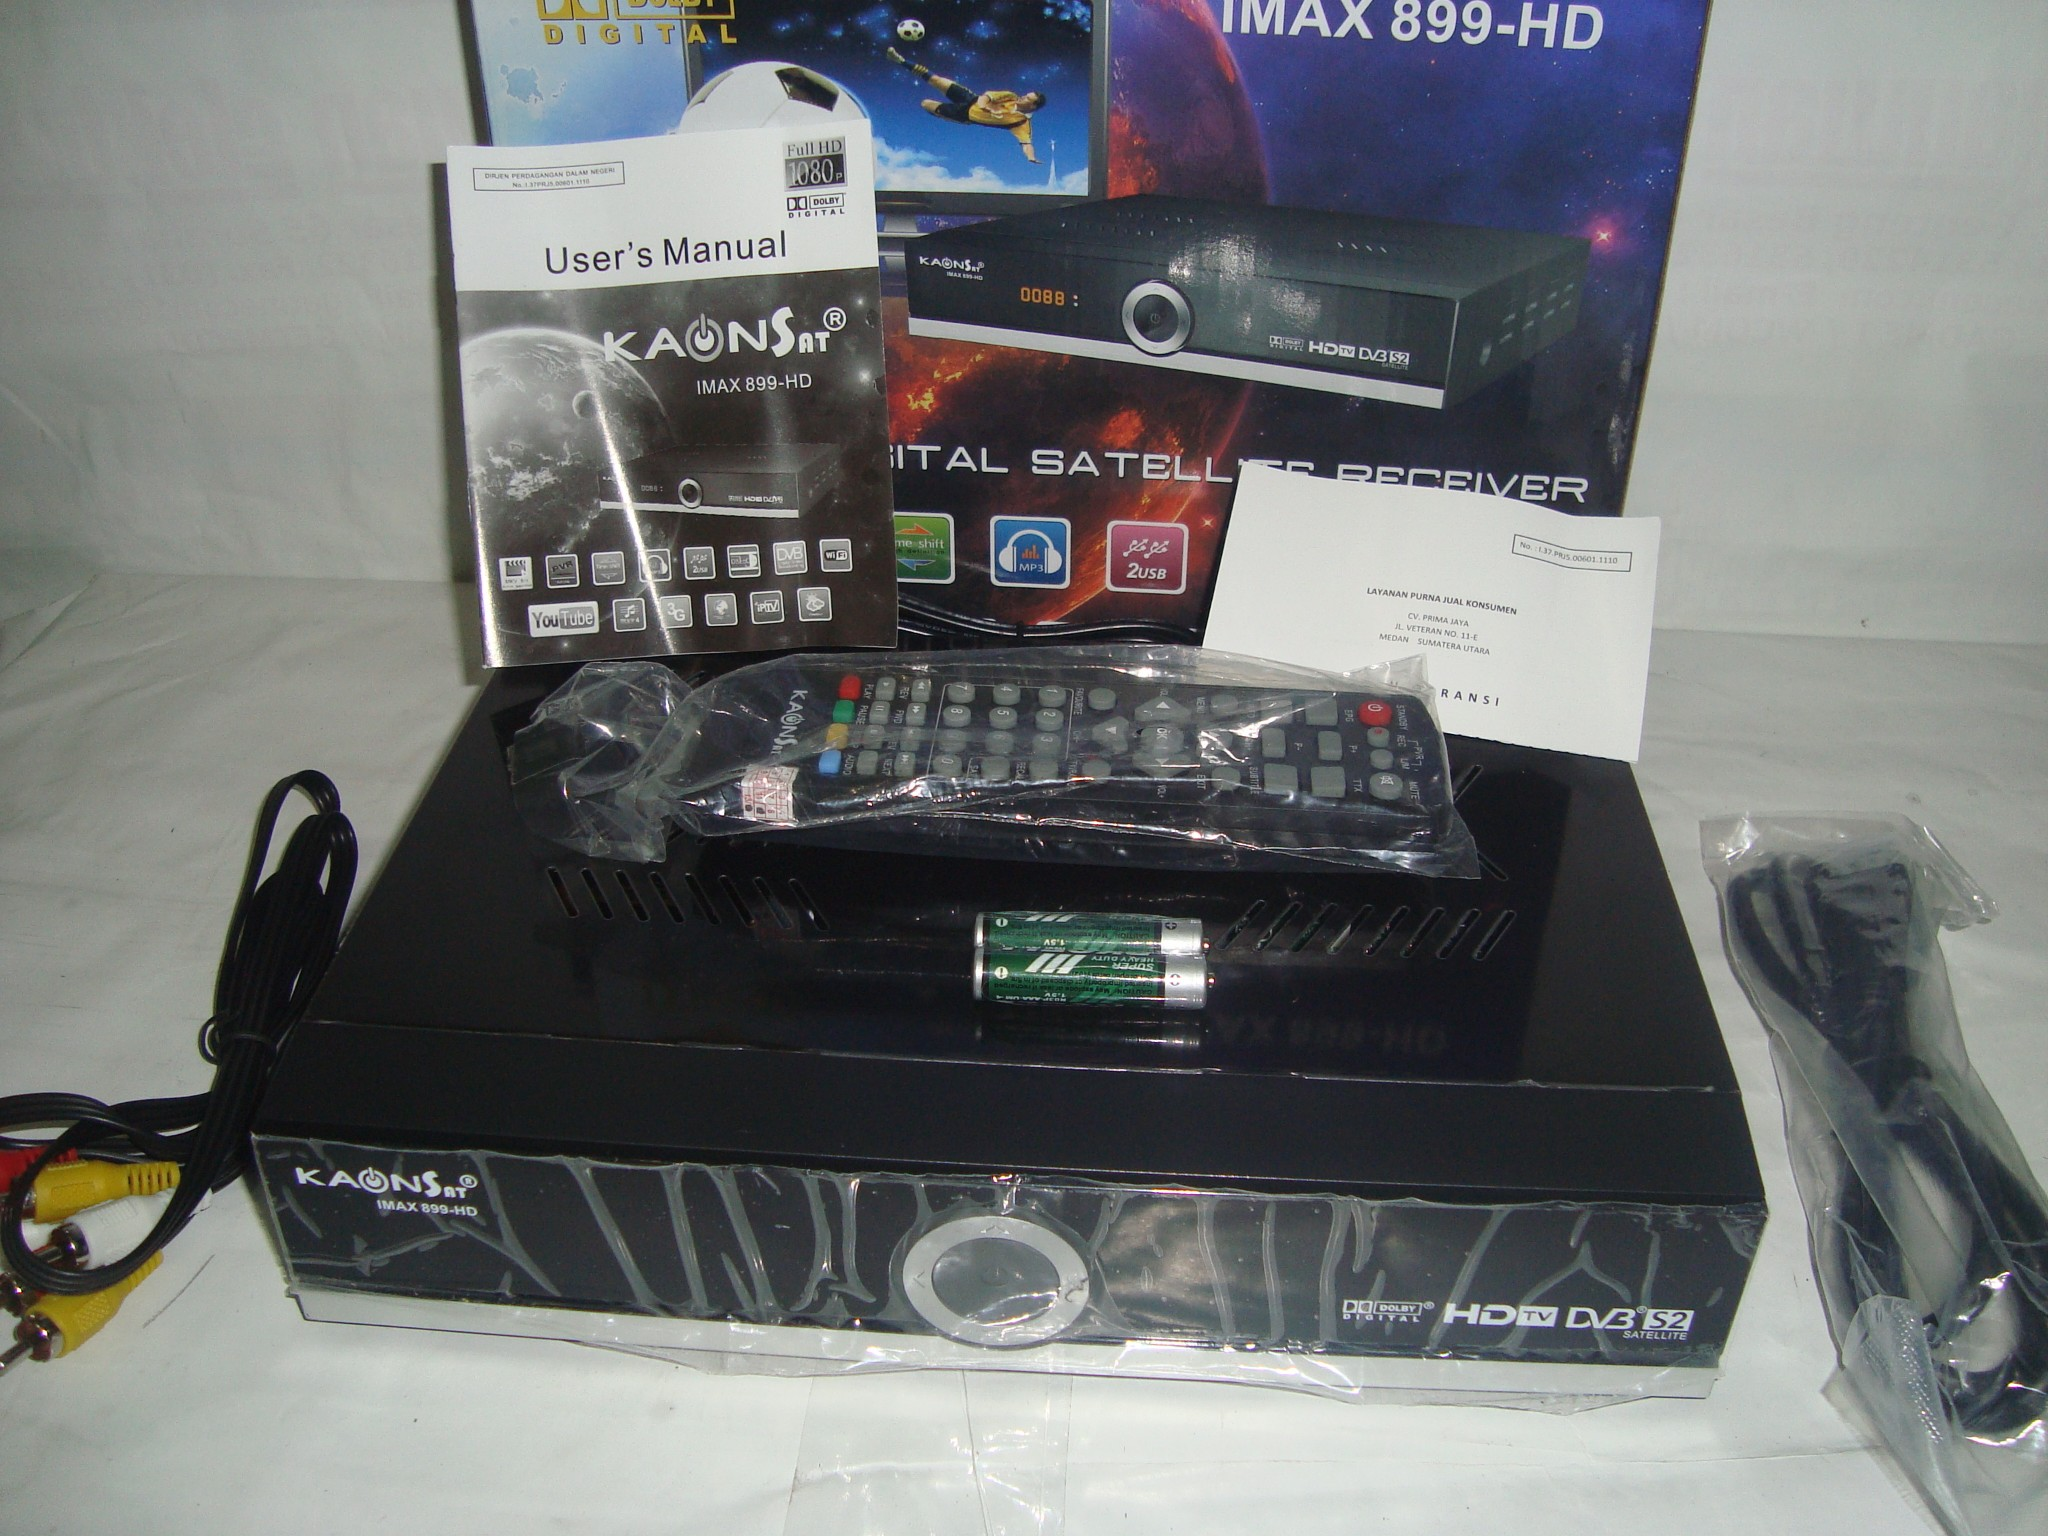 Kaonsat Imax 899 Hd